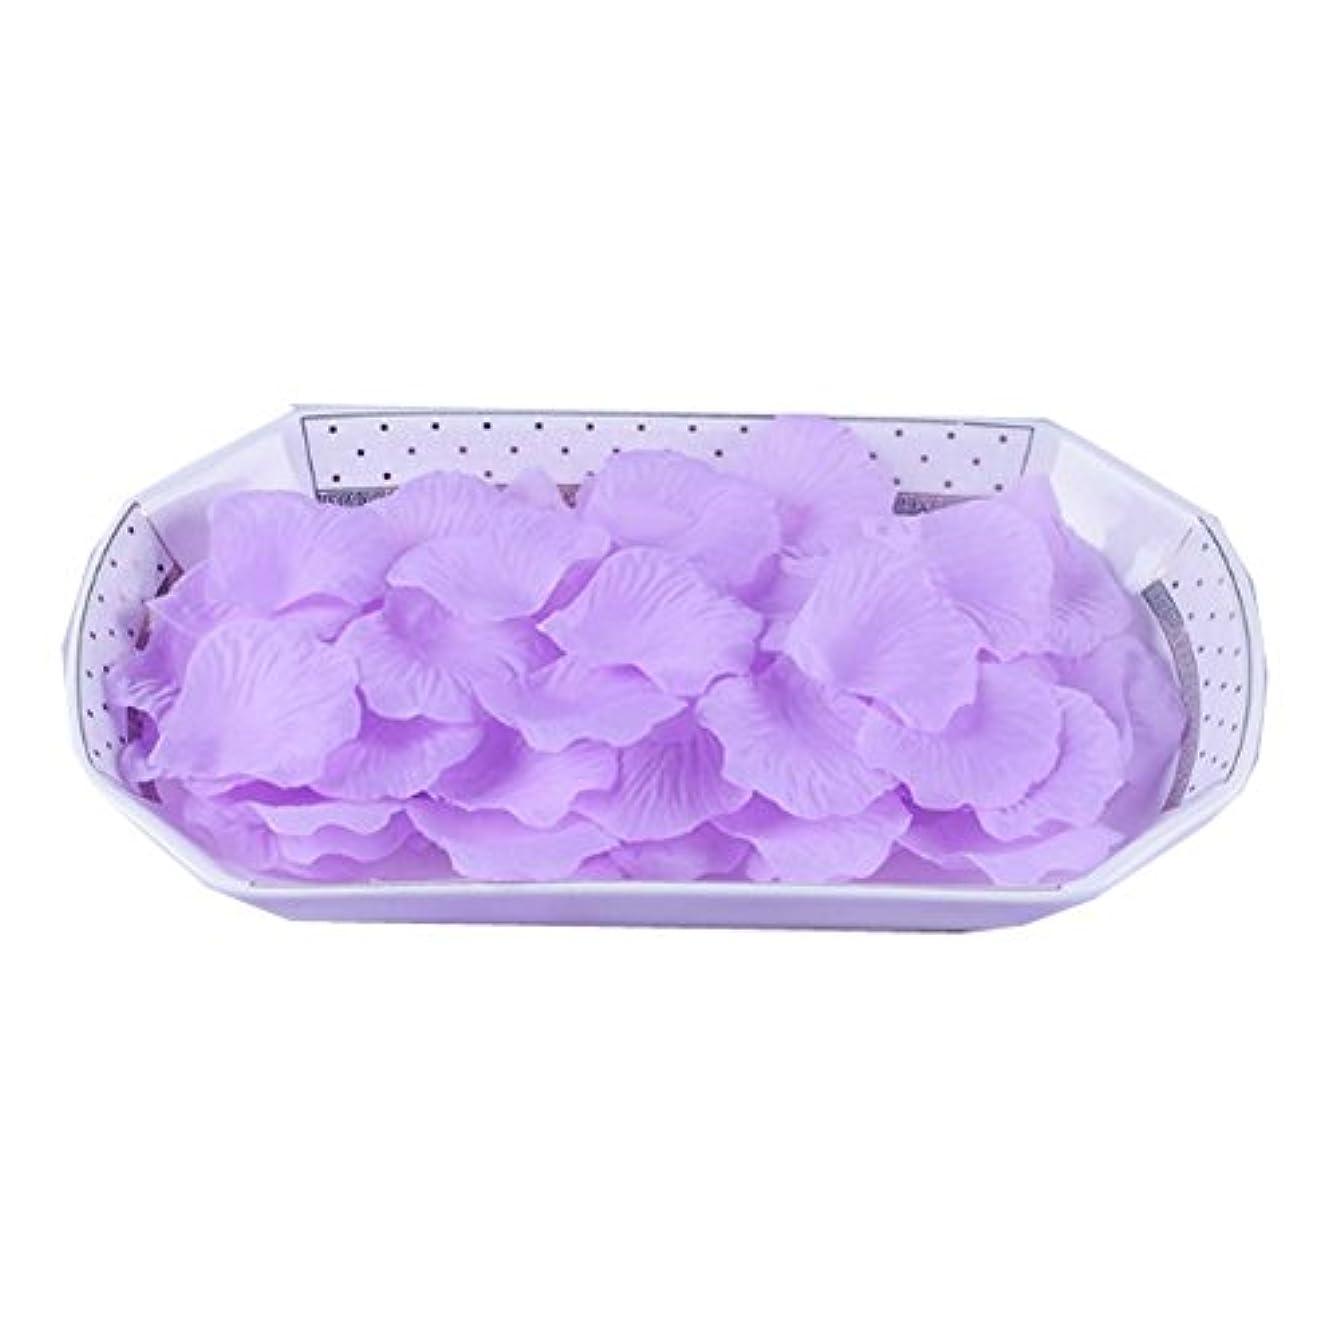 比較泥お香結婚式のパーティーの装飾のための人工のバラの花びらパープル3000台のPC